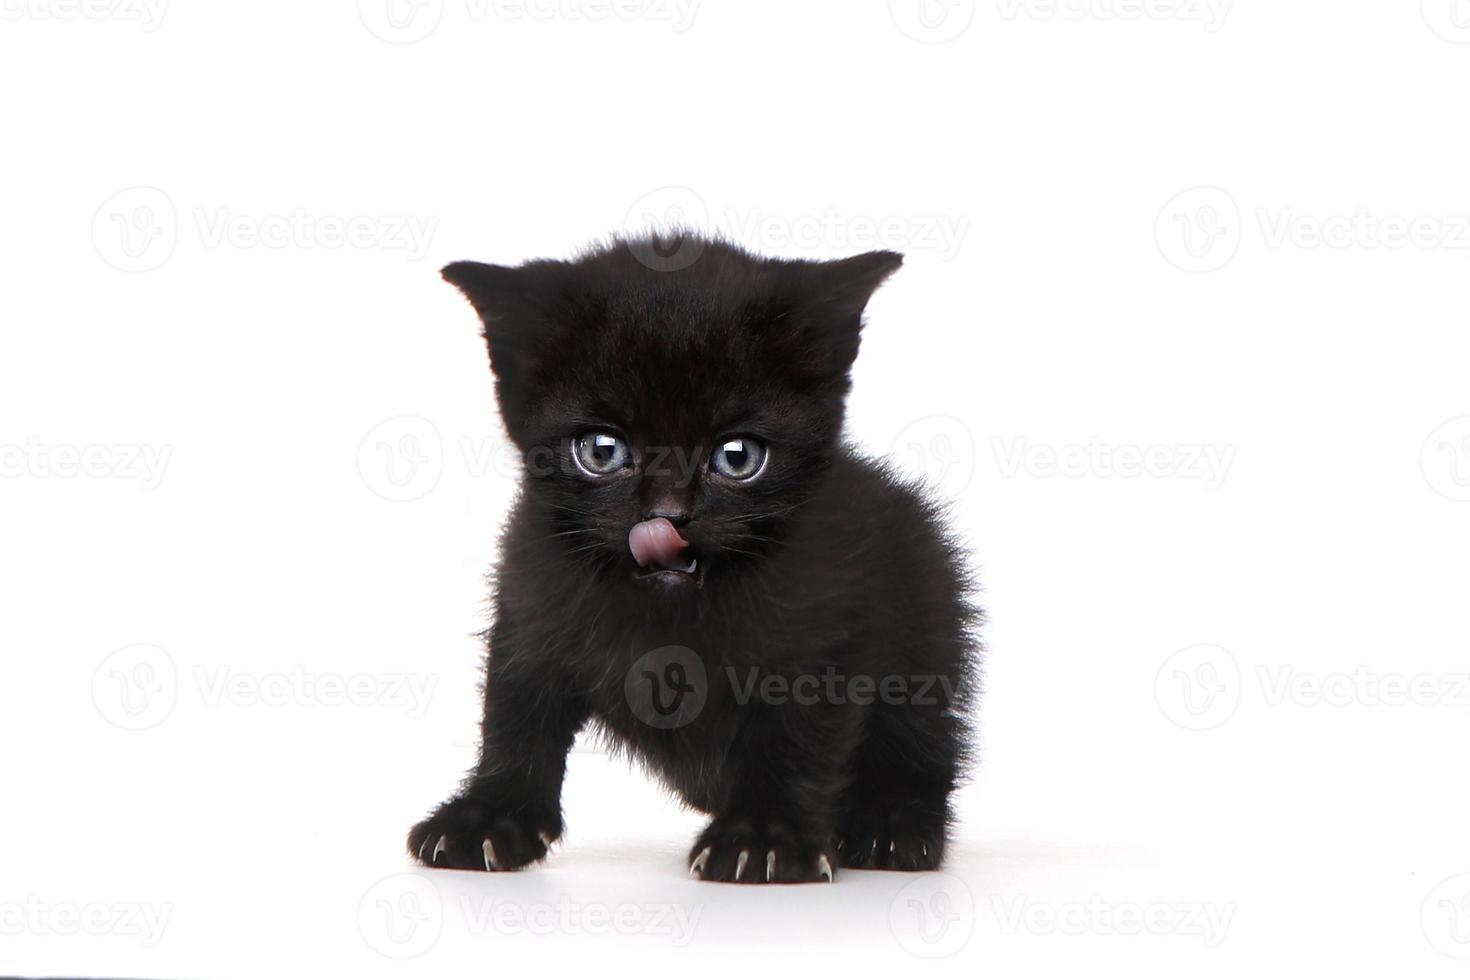 enkele zwarte kitten op witte achtergrond met grote ogen foto